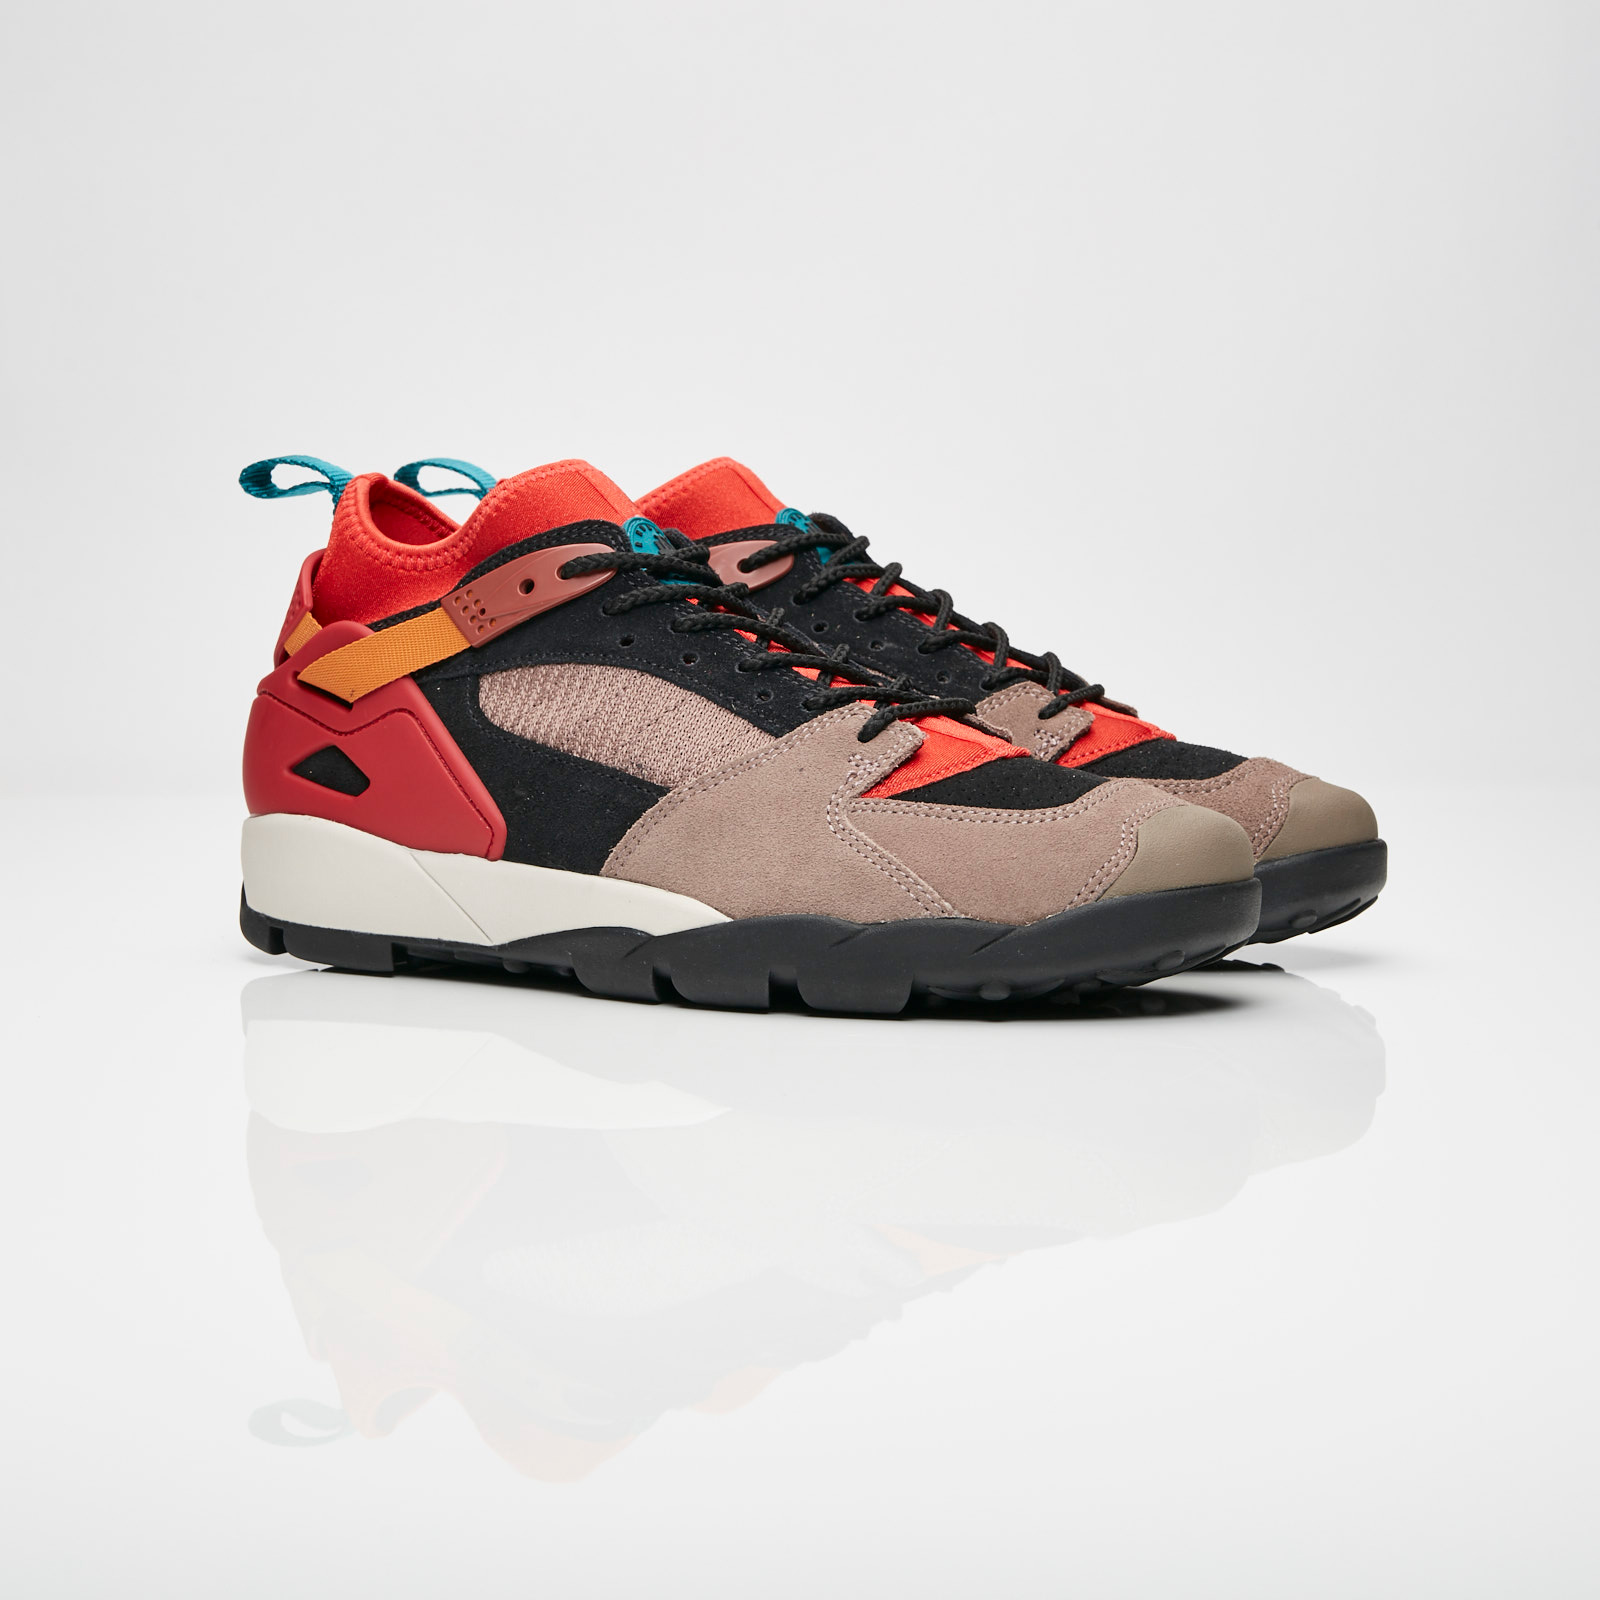 406ebbdaf1d1f Nike Air Revaderchi - Ar0479-600 - Sneakersnstuff